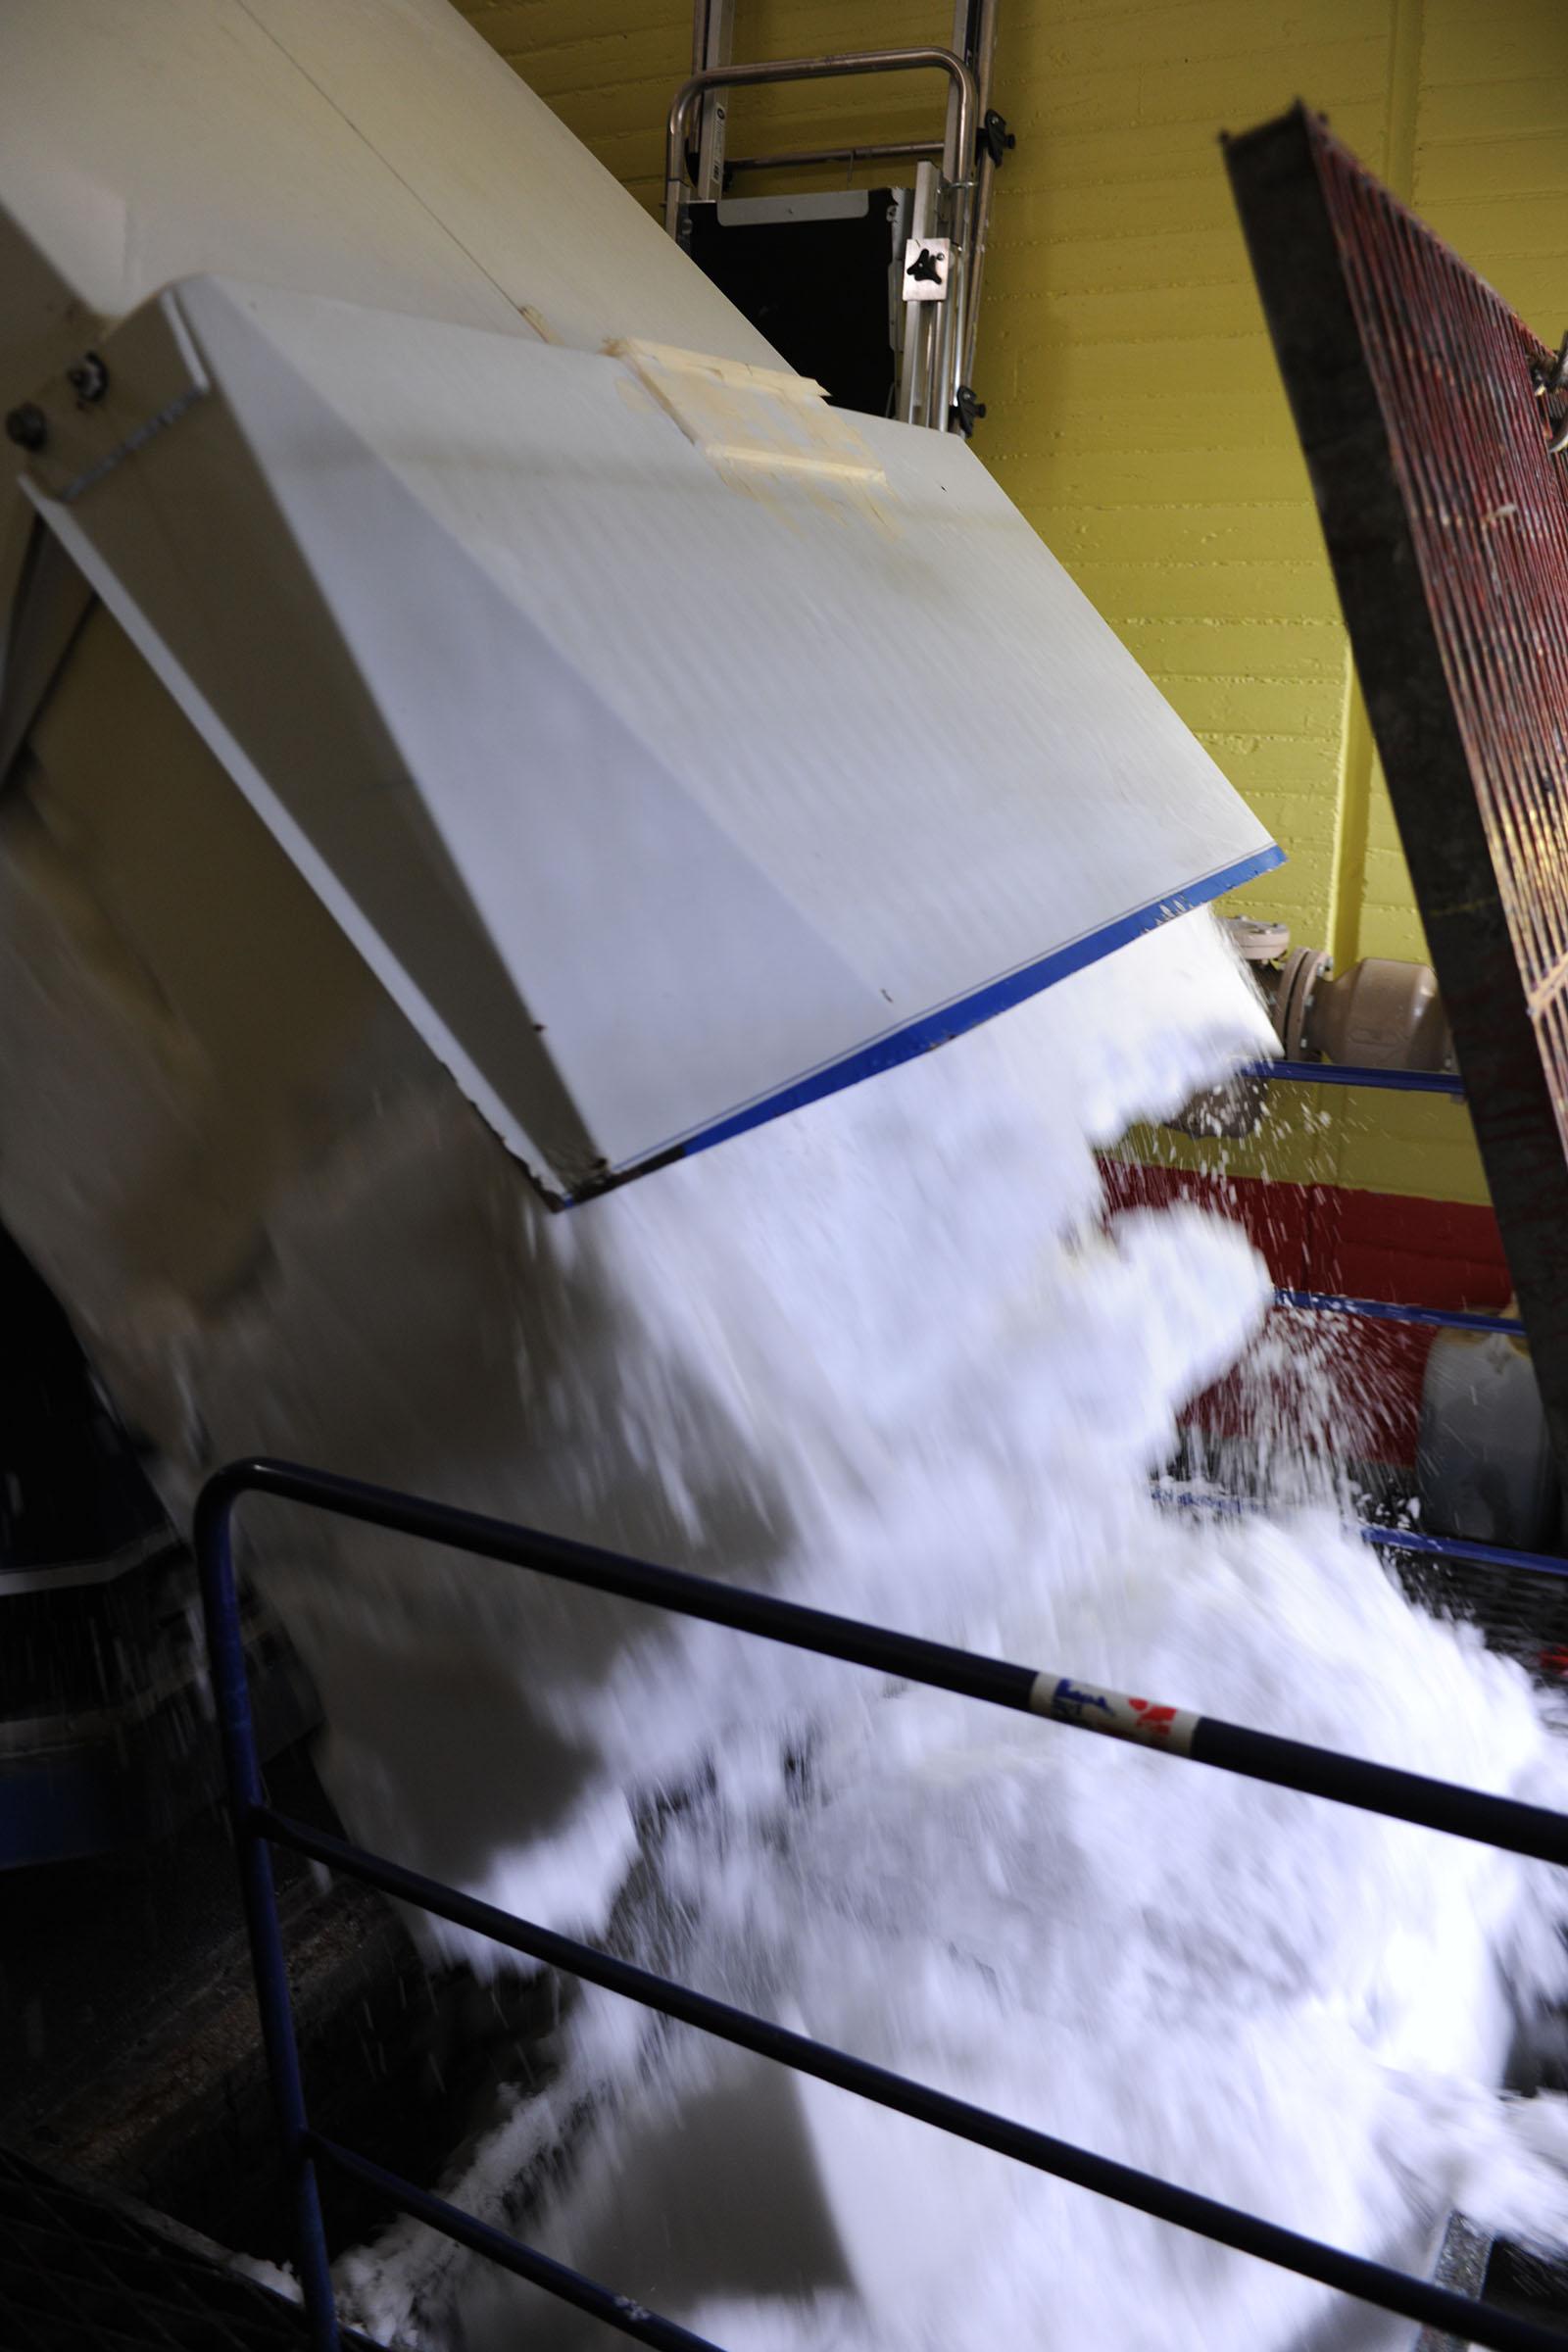 La glace de la patinoire Baraban déversée dans la cuve de stockage.